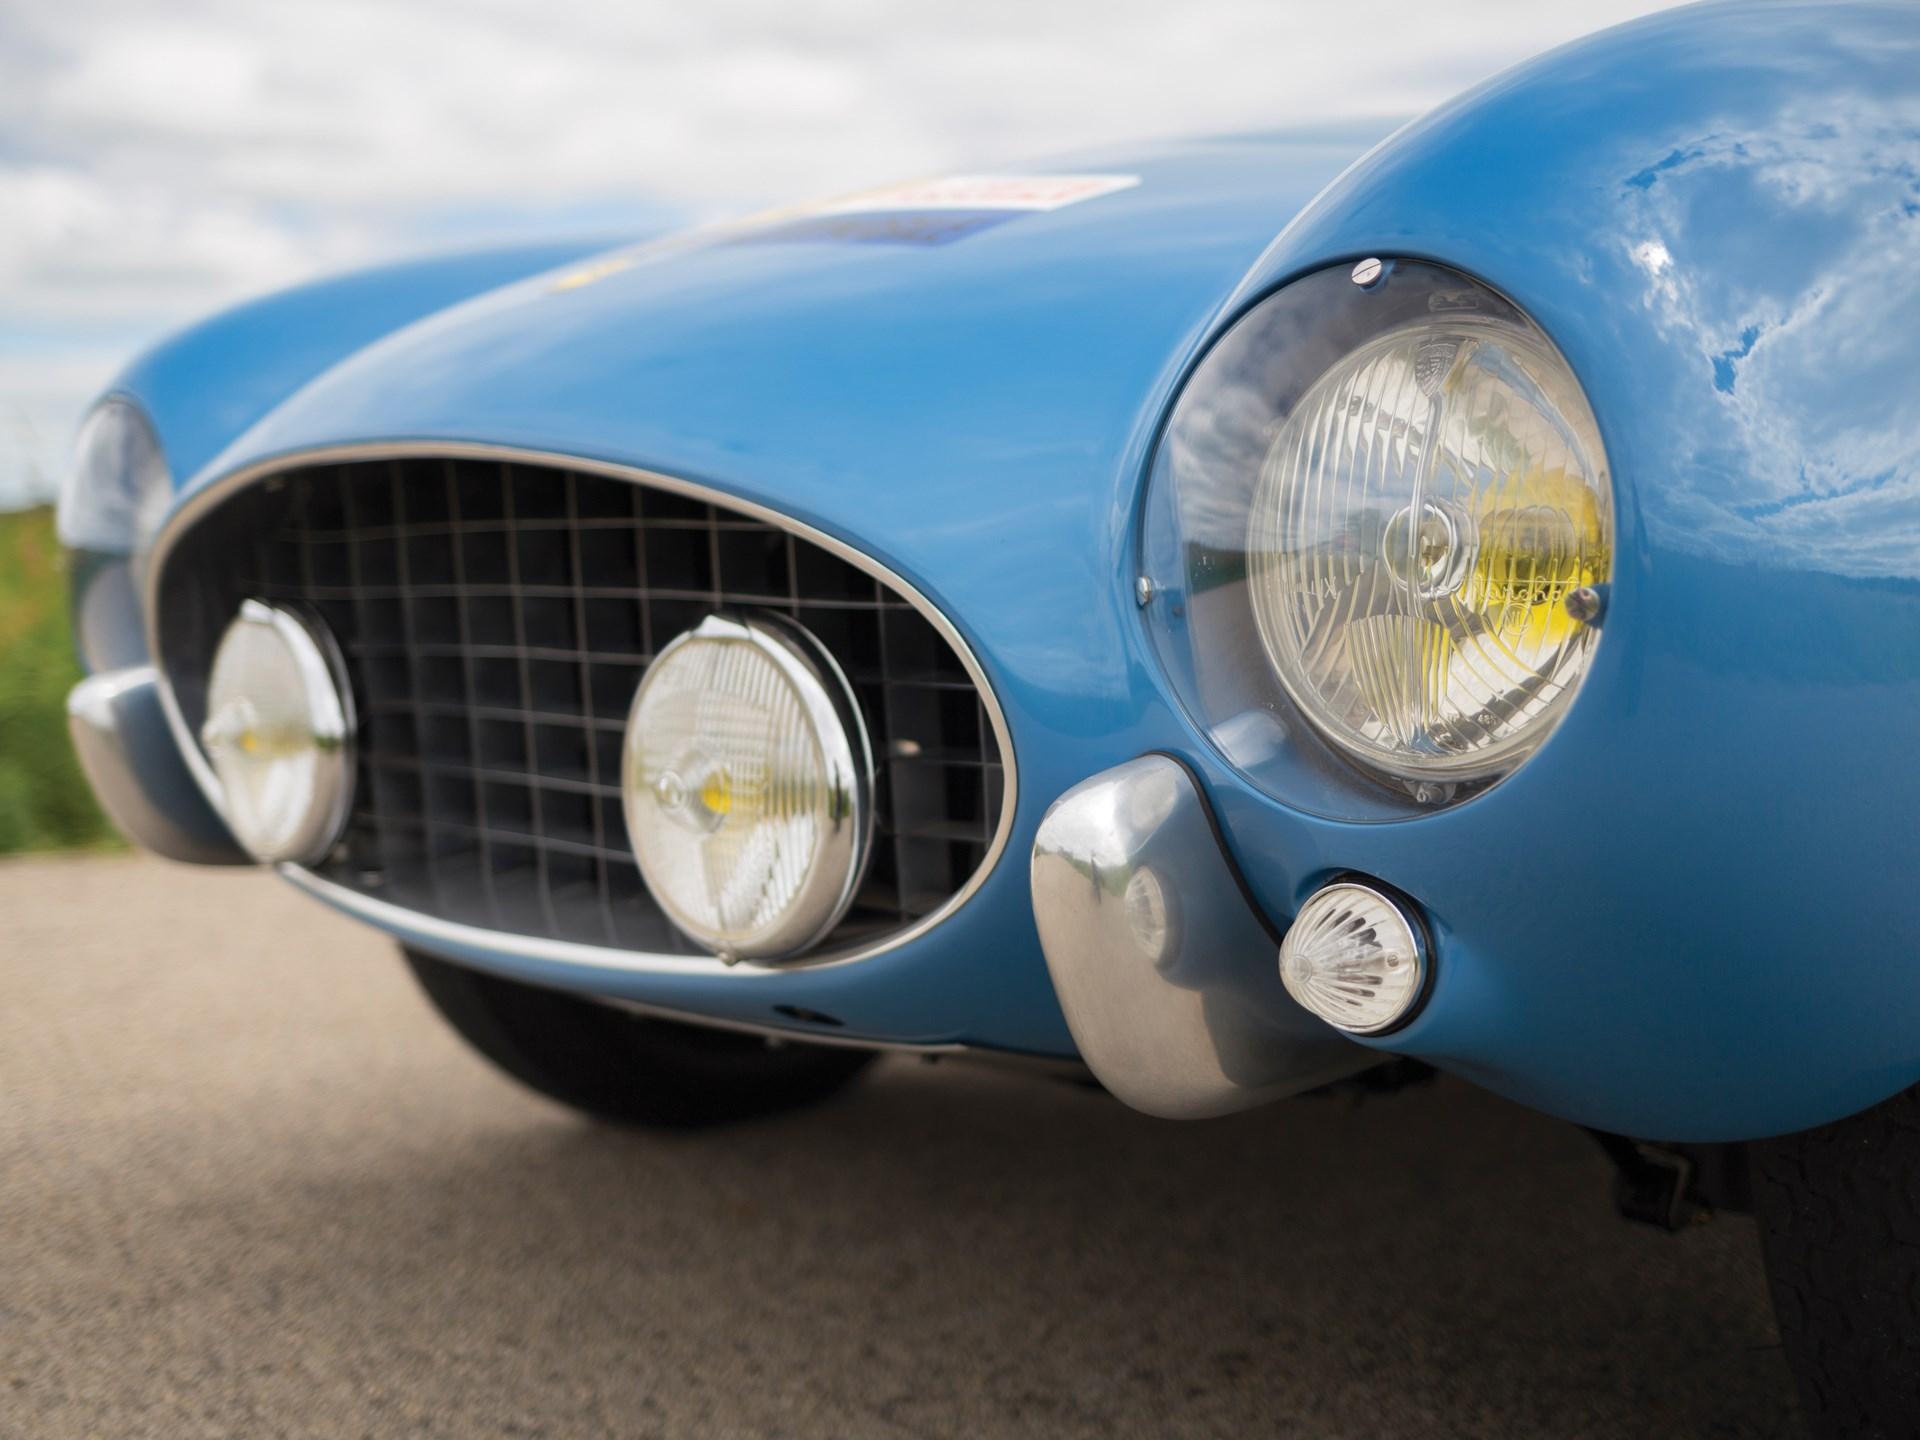 1956 Ferrari 250 GT Berlinetta Competizione 'Tour de France' by Scaglietti